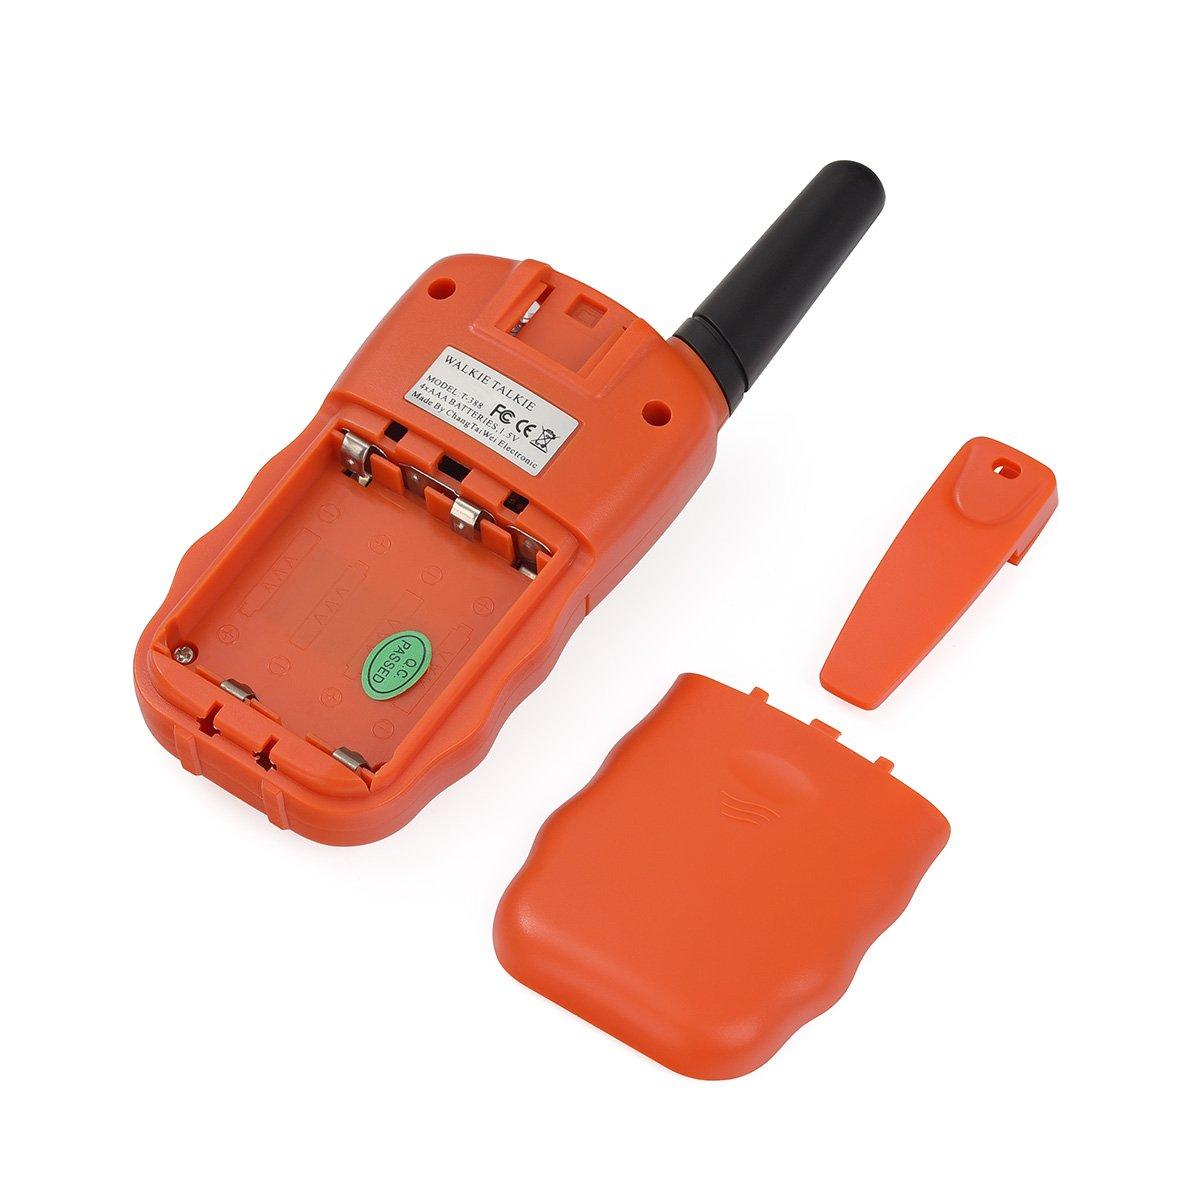 AKKU Wiederaufladbare T-388 Funkger/ät f/ür M/ädchen Jungen Kinder 2x Kids smart Walkie Talkies inkl Orange